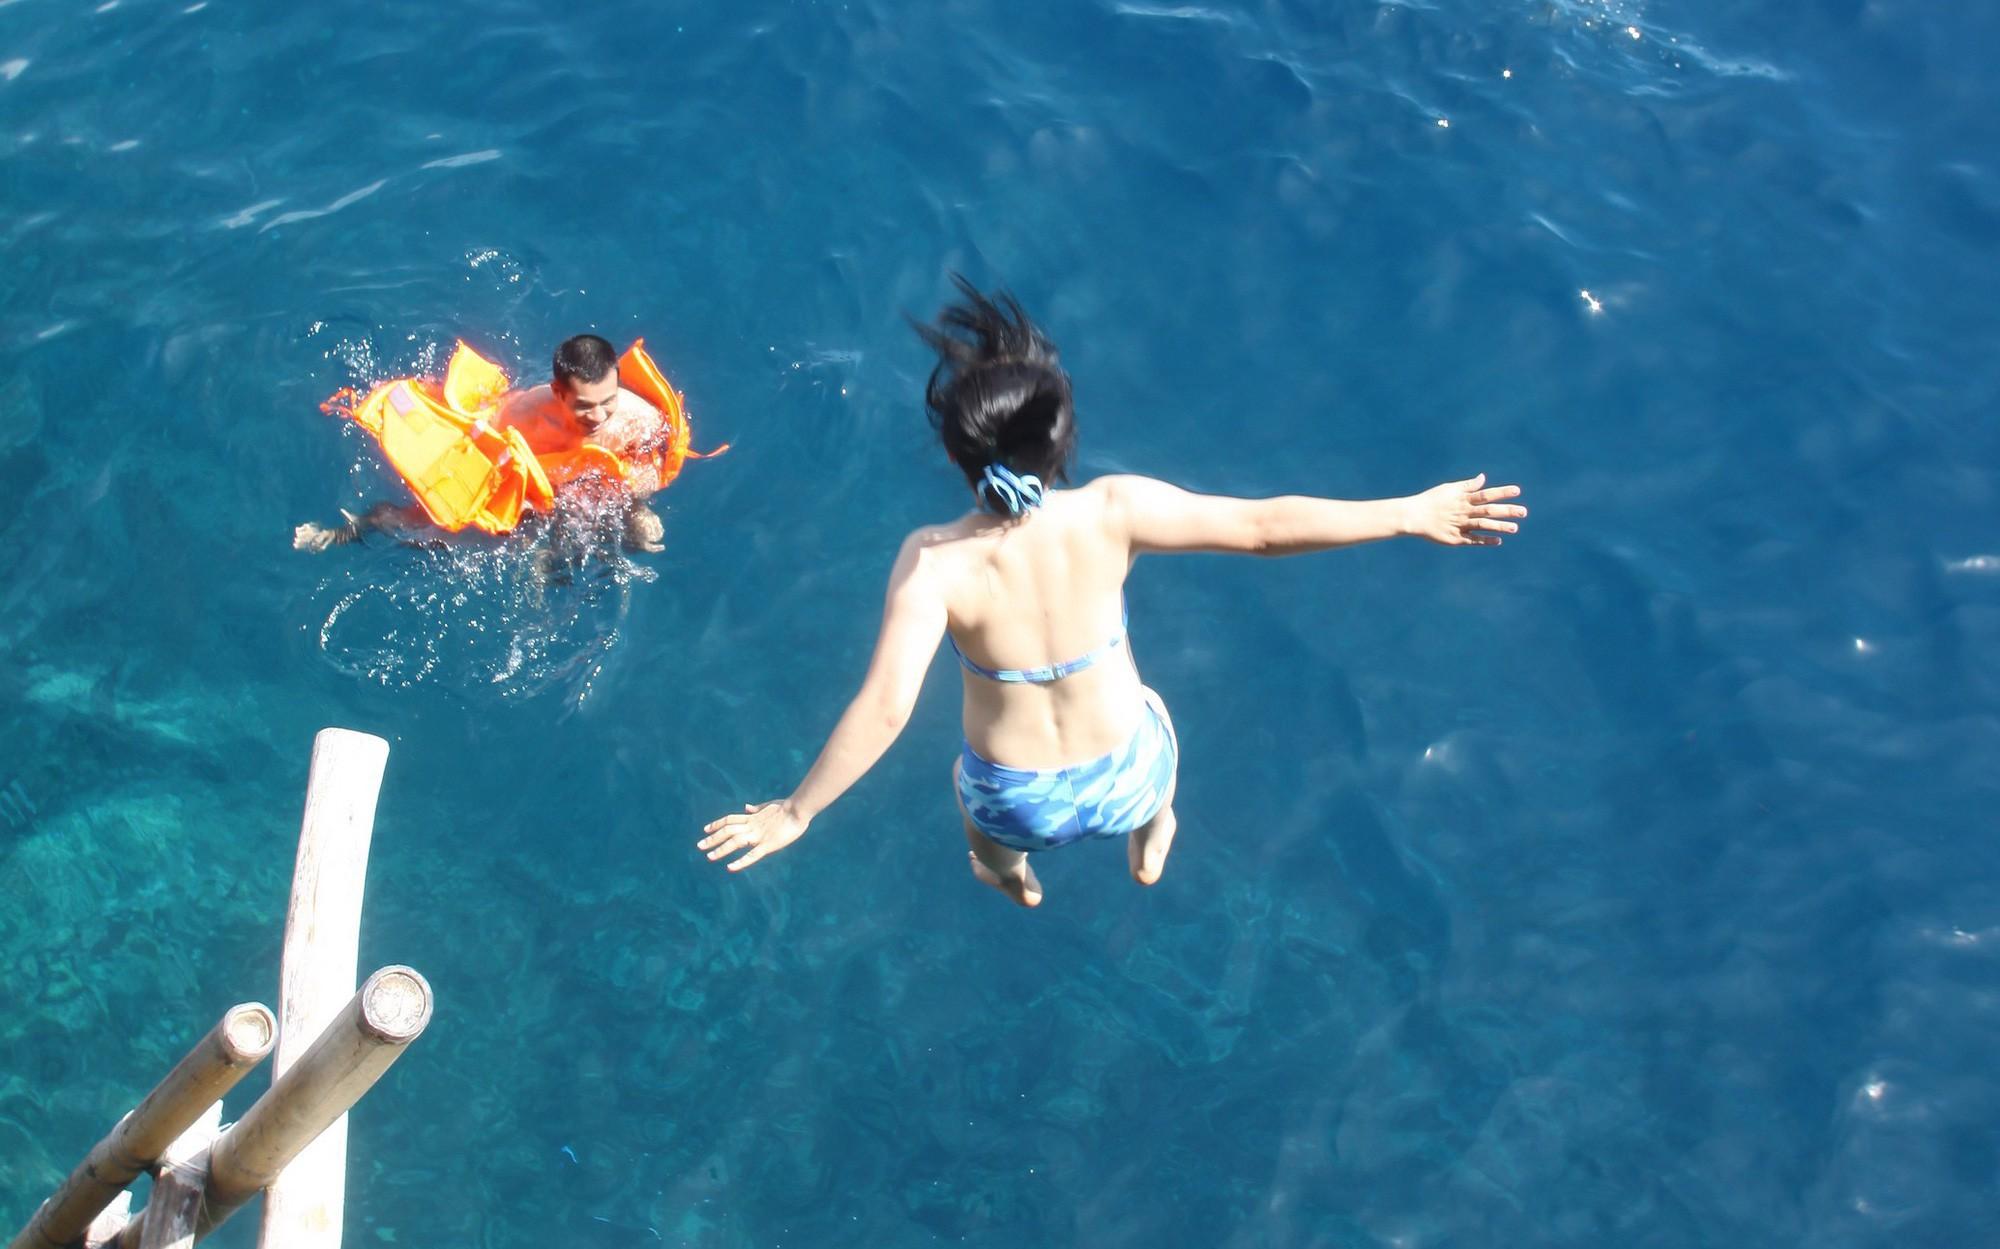 Nhảy xuống biển từ vách đá tại 'đảo thiên đường' Philippines